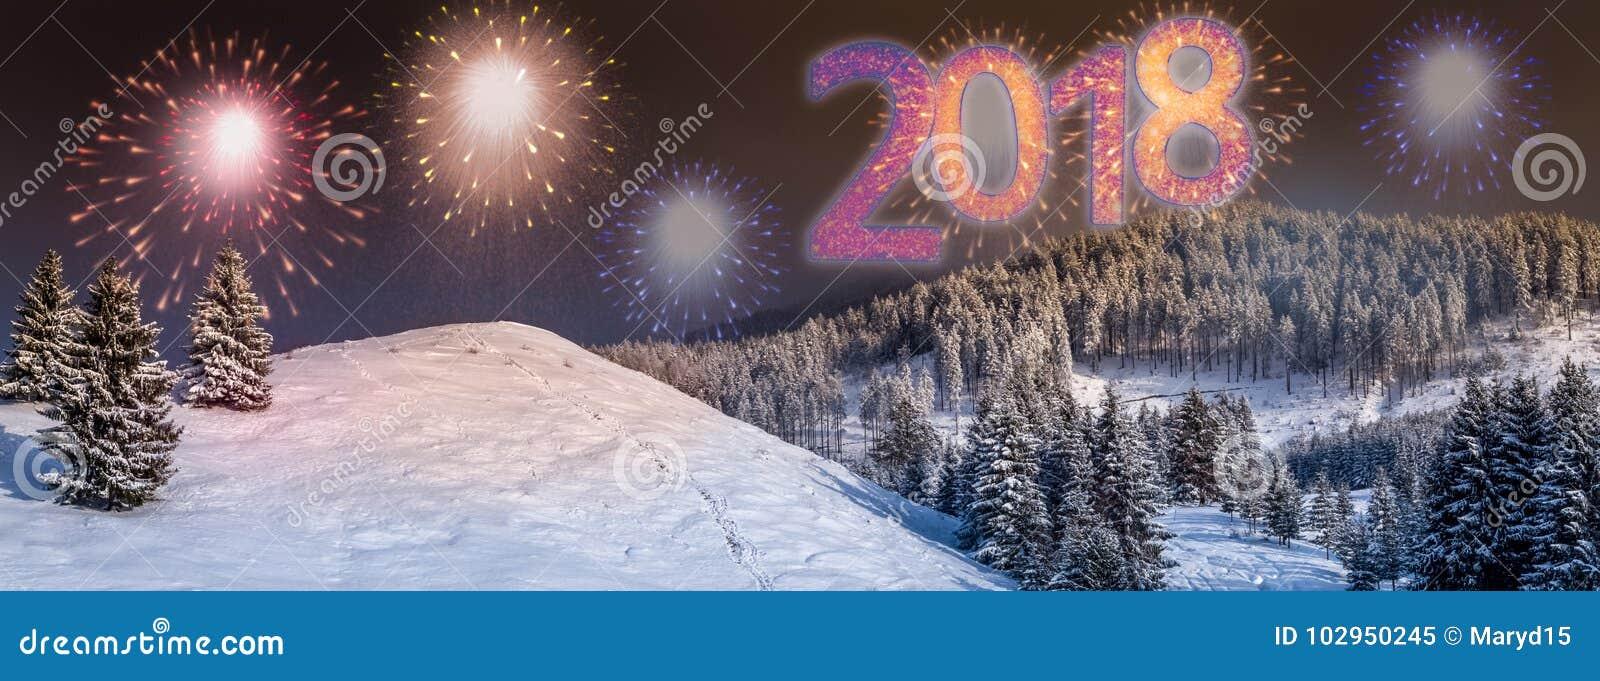 Fondo con colorido, fuegos artificiales de la víspera del ` s del Año Nuevo 2018 del partido